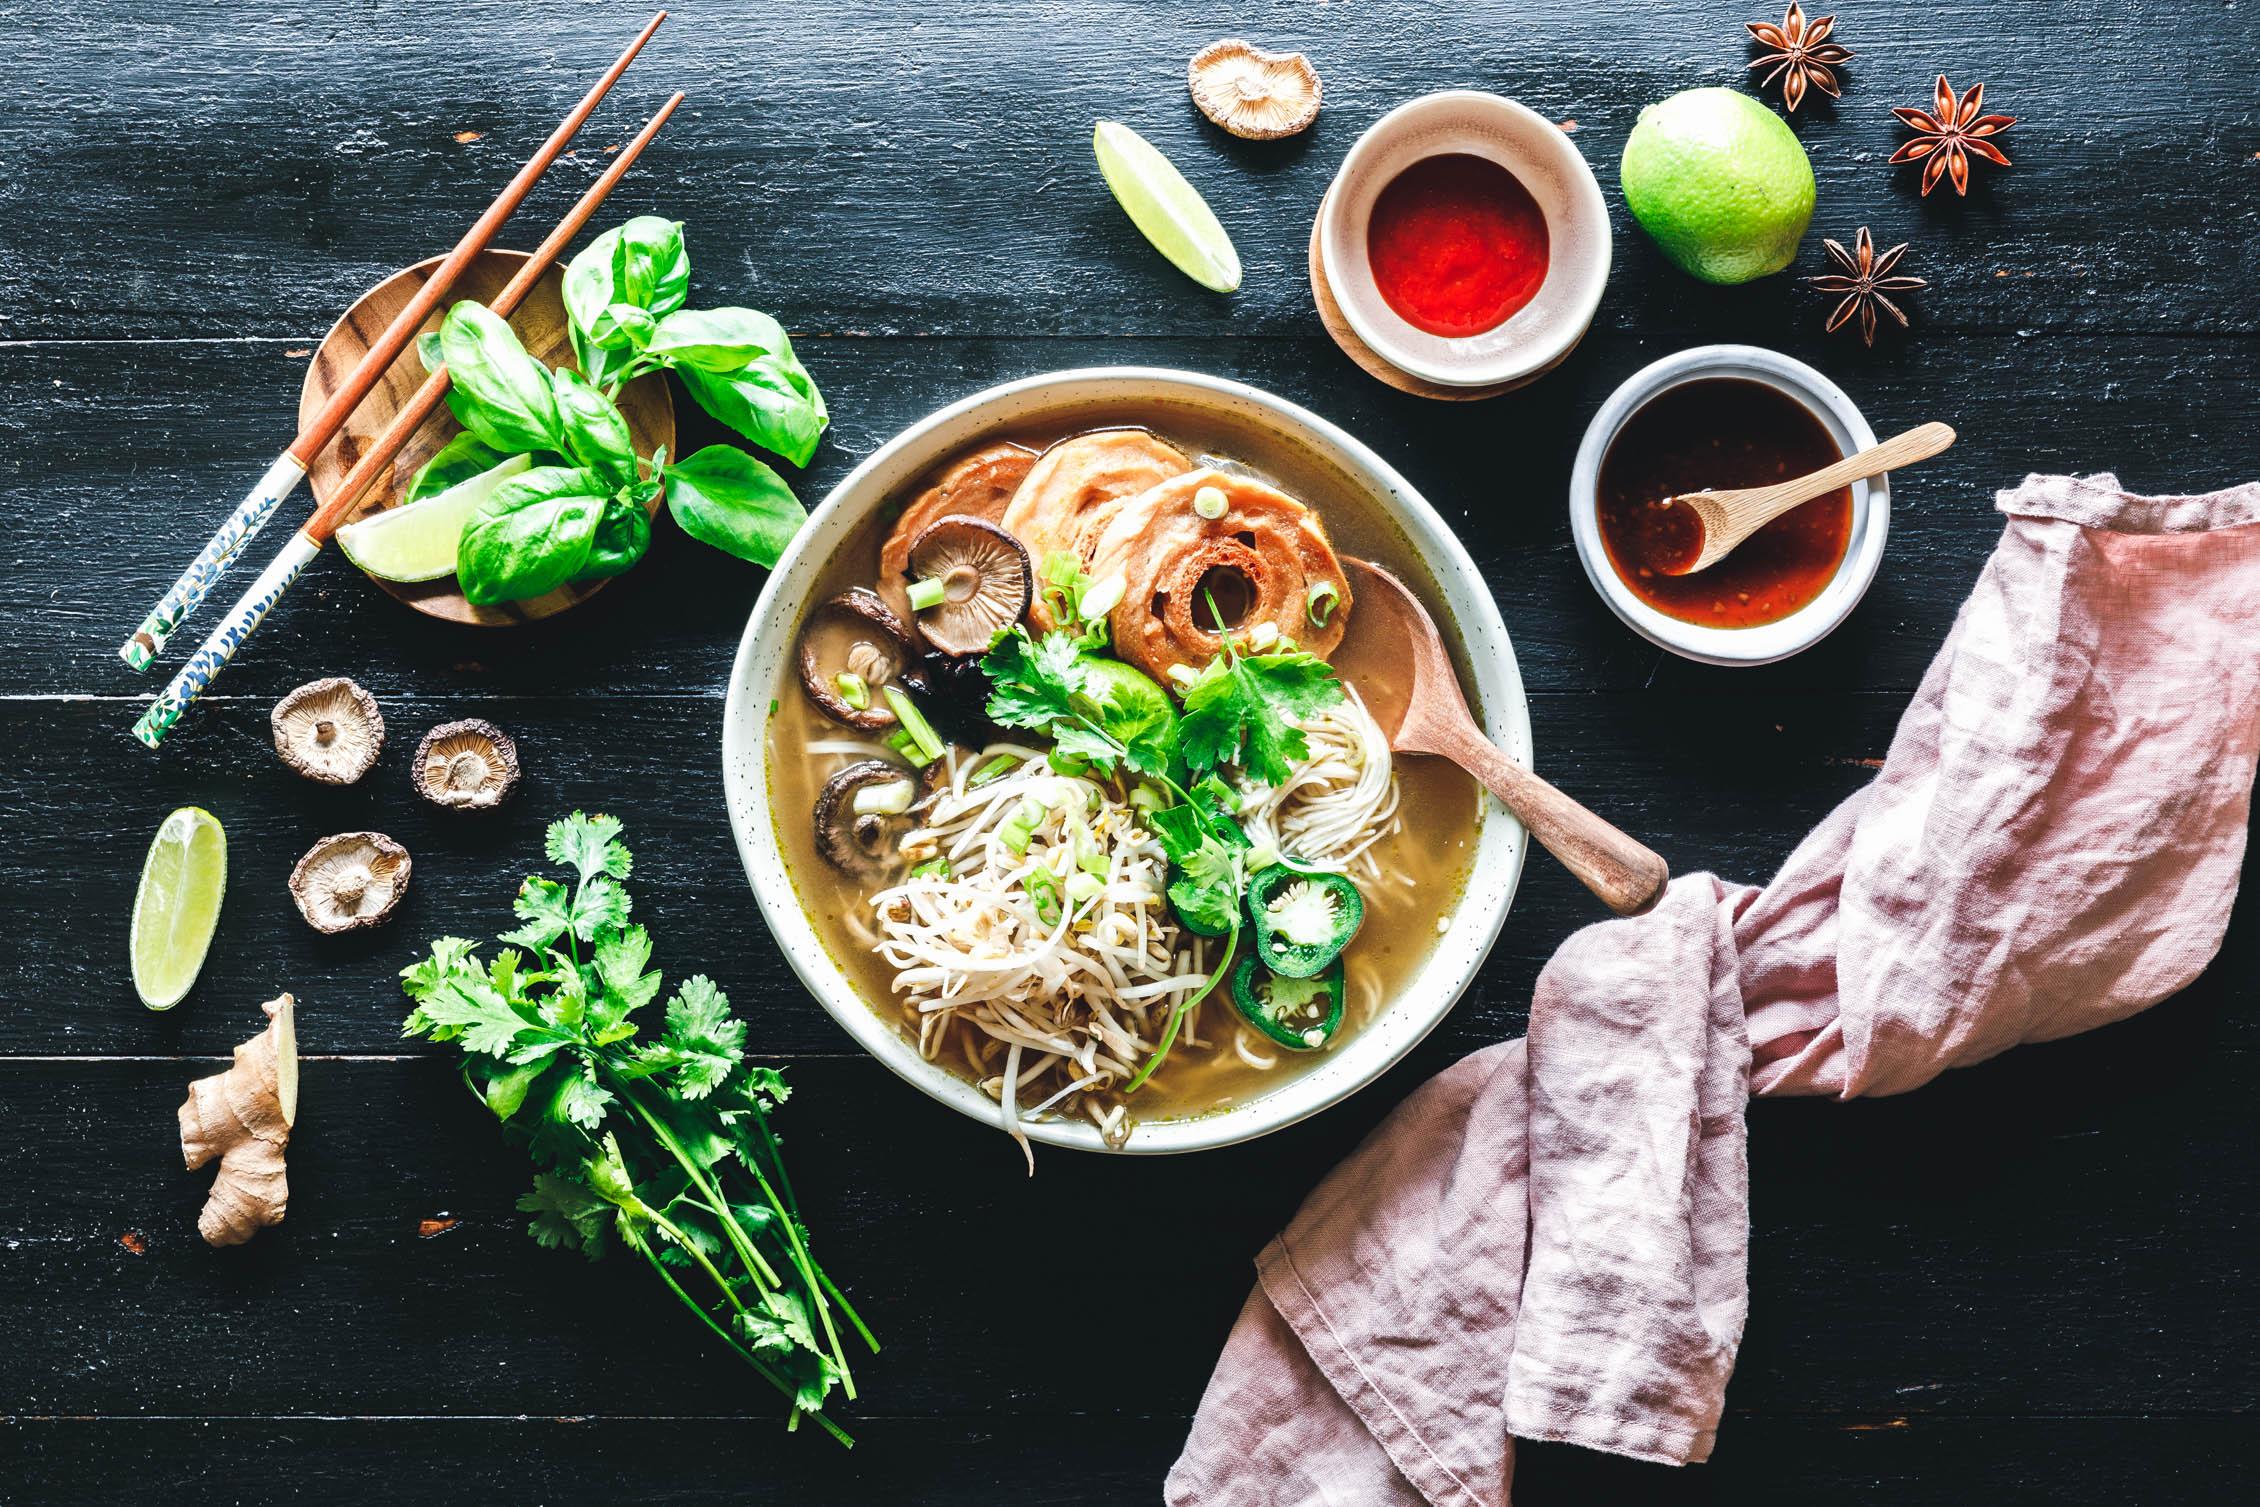 Schnelle Vegane Pho Eat This Foodblog Vegane Rezepte Stories